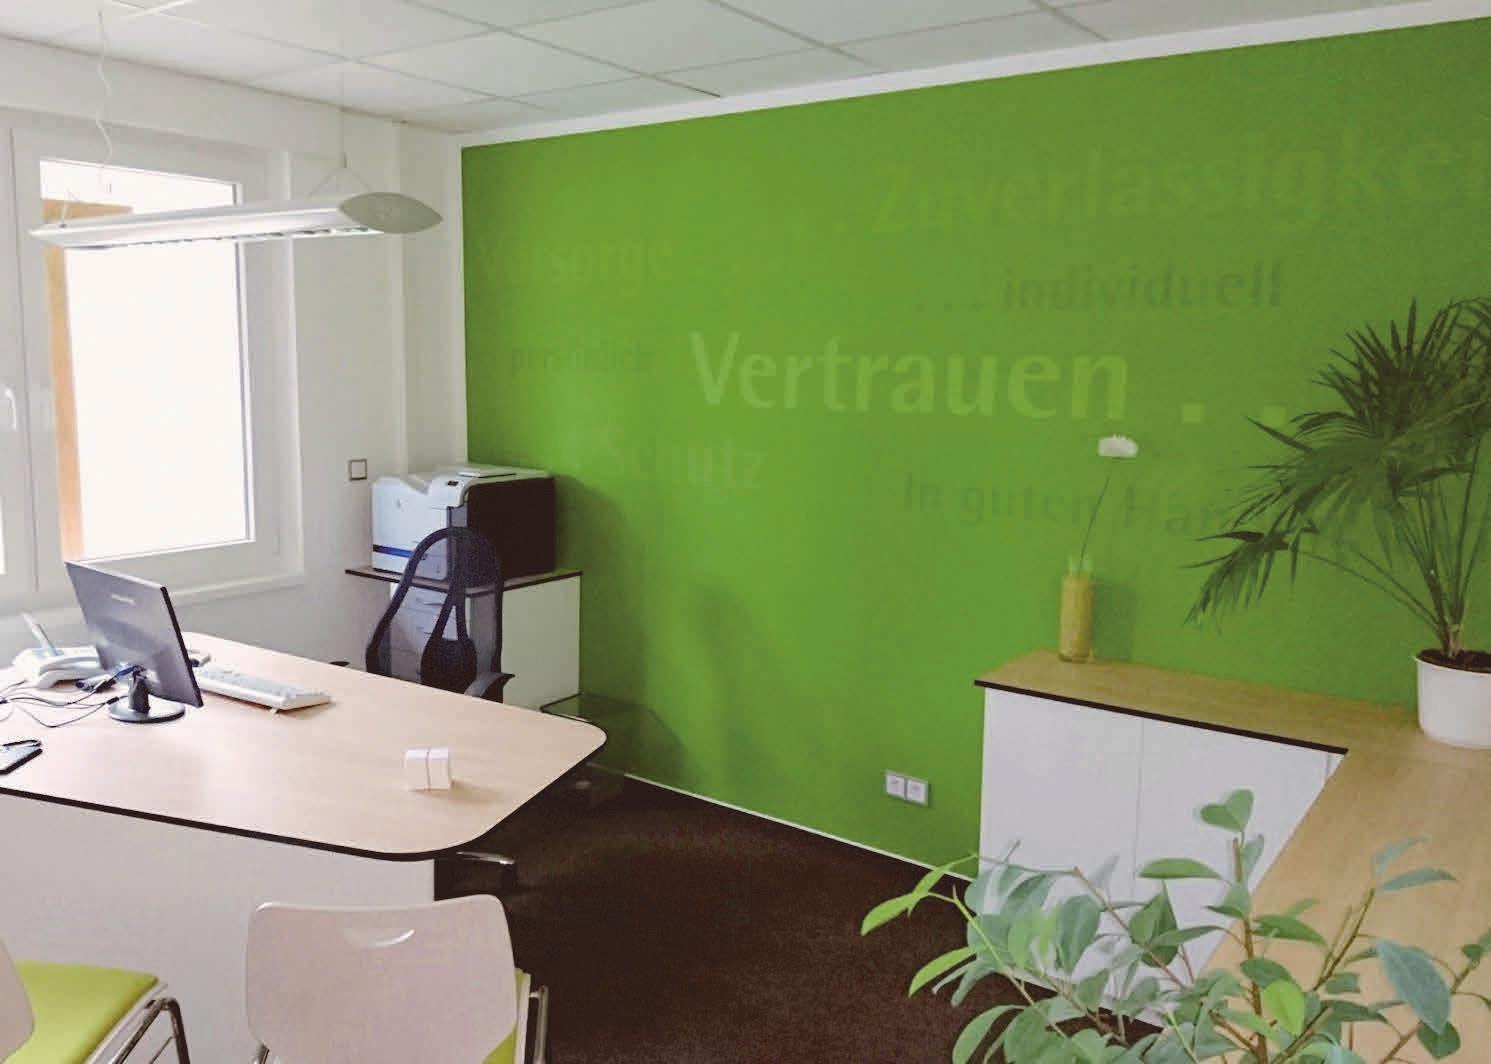 Jeder Mitarbeiter der LVM-Agentur Schiffelholz hat sein eigenes Besprechungszimmer in den modern gestalteten Räumen, die 2017 bezogen wurden. Foto:privat